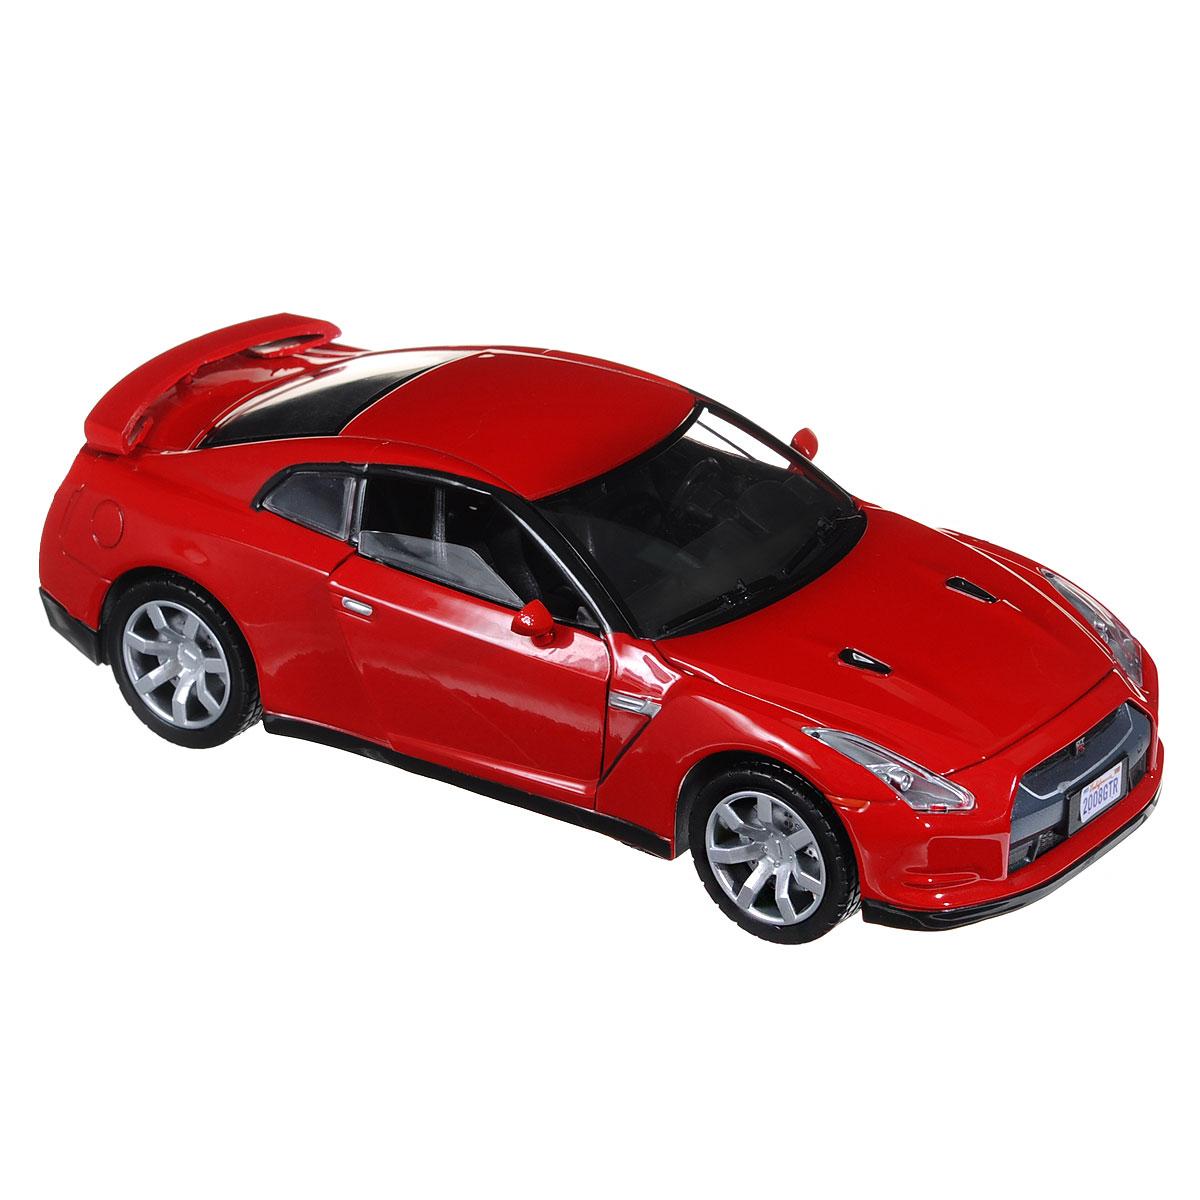 Коллекционная модель MotorMax Nissan GTR 2008, цвет: красный. Масштаб 1/24 motormax трансформирующийся в аэропорт